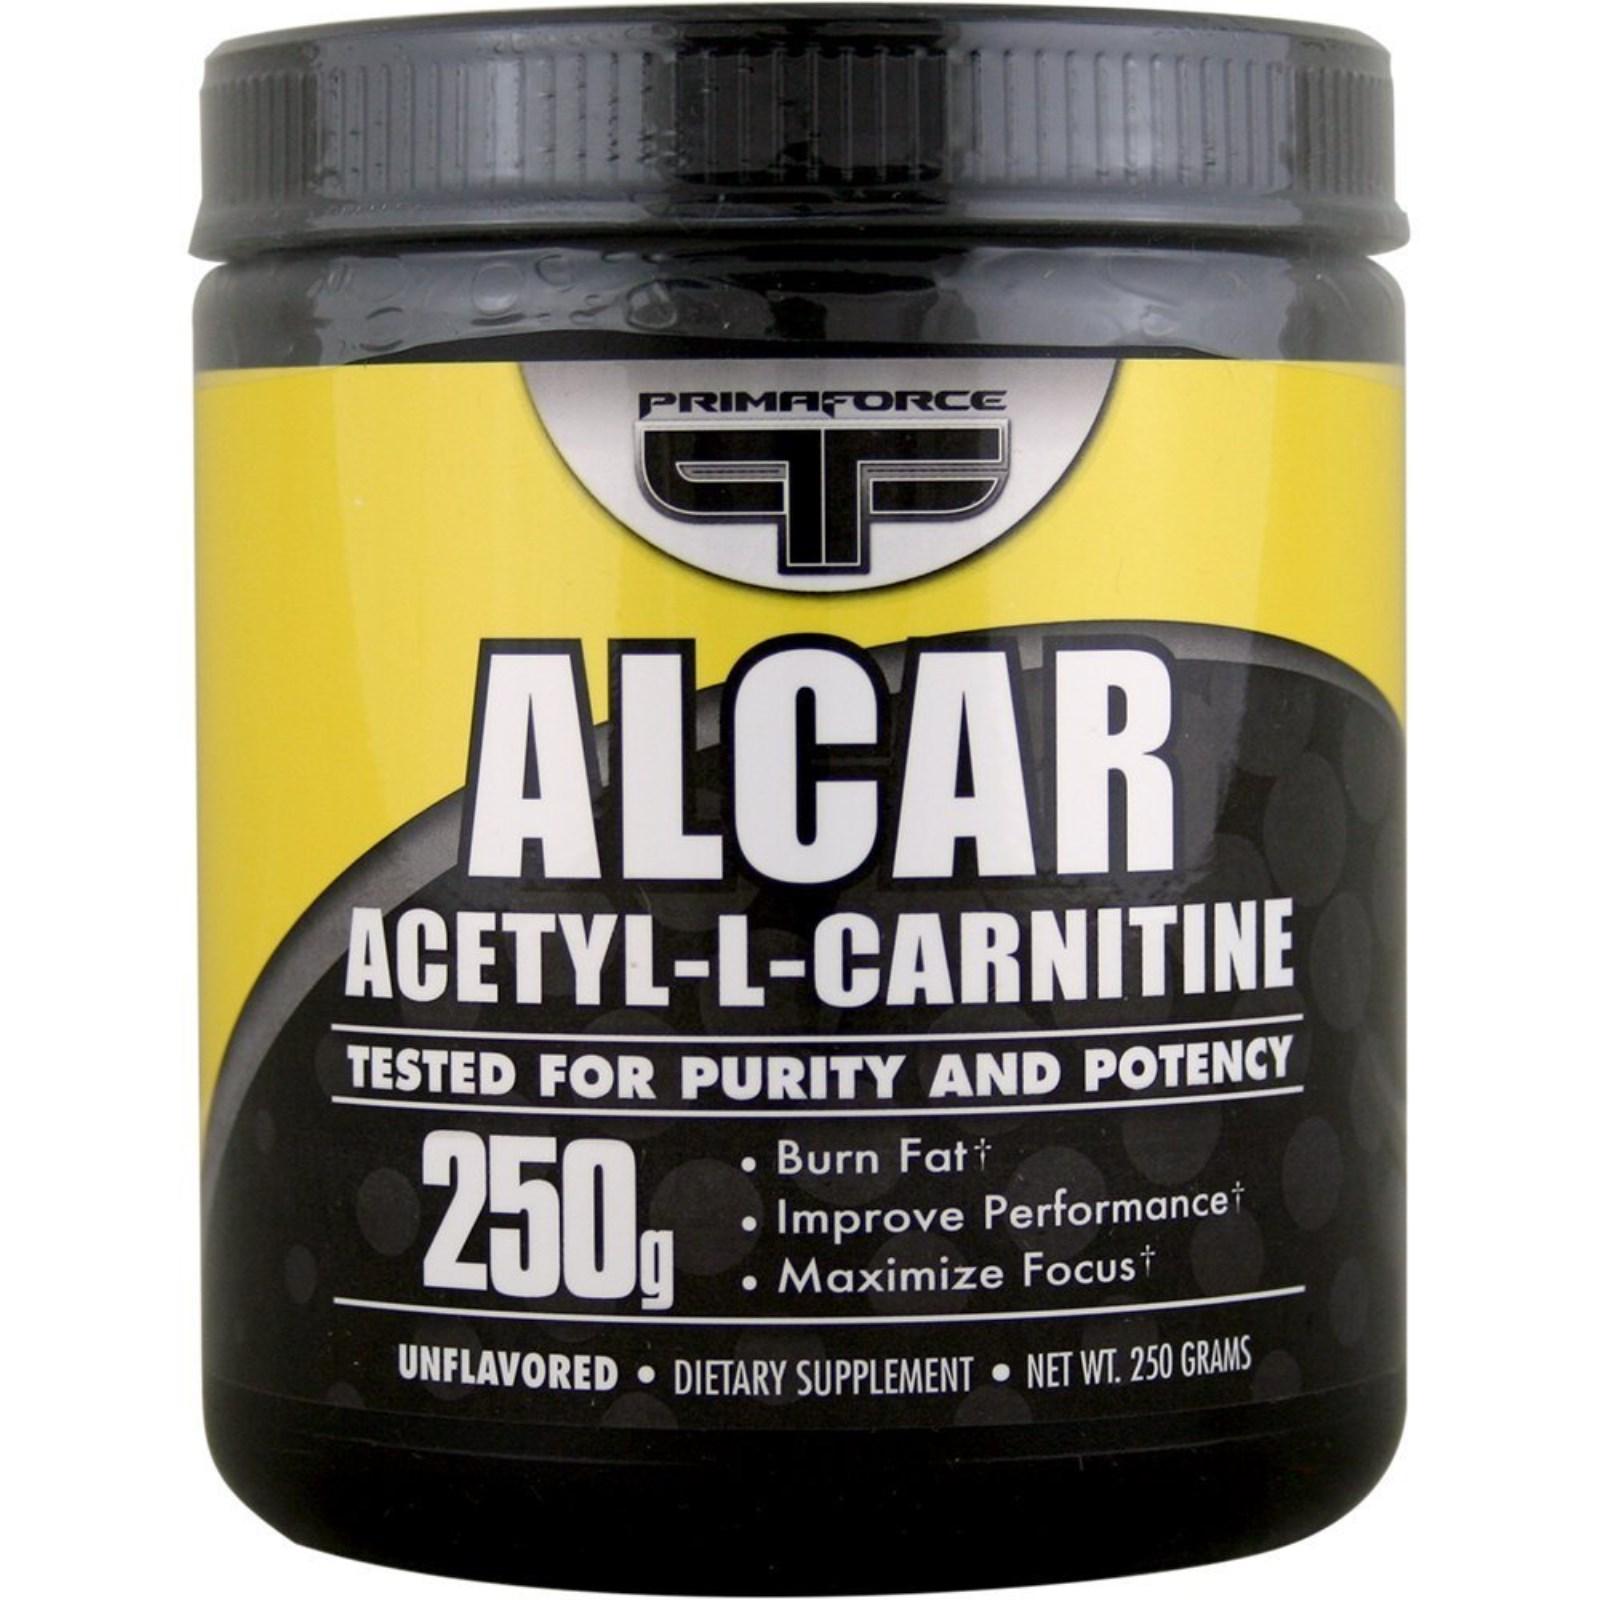 Ацетил-Л-карнитин Alcar в порошке от Primaforce (США).